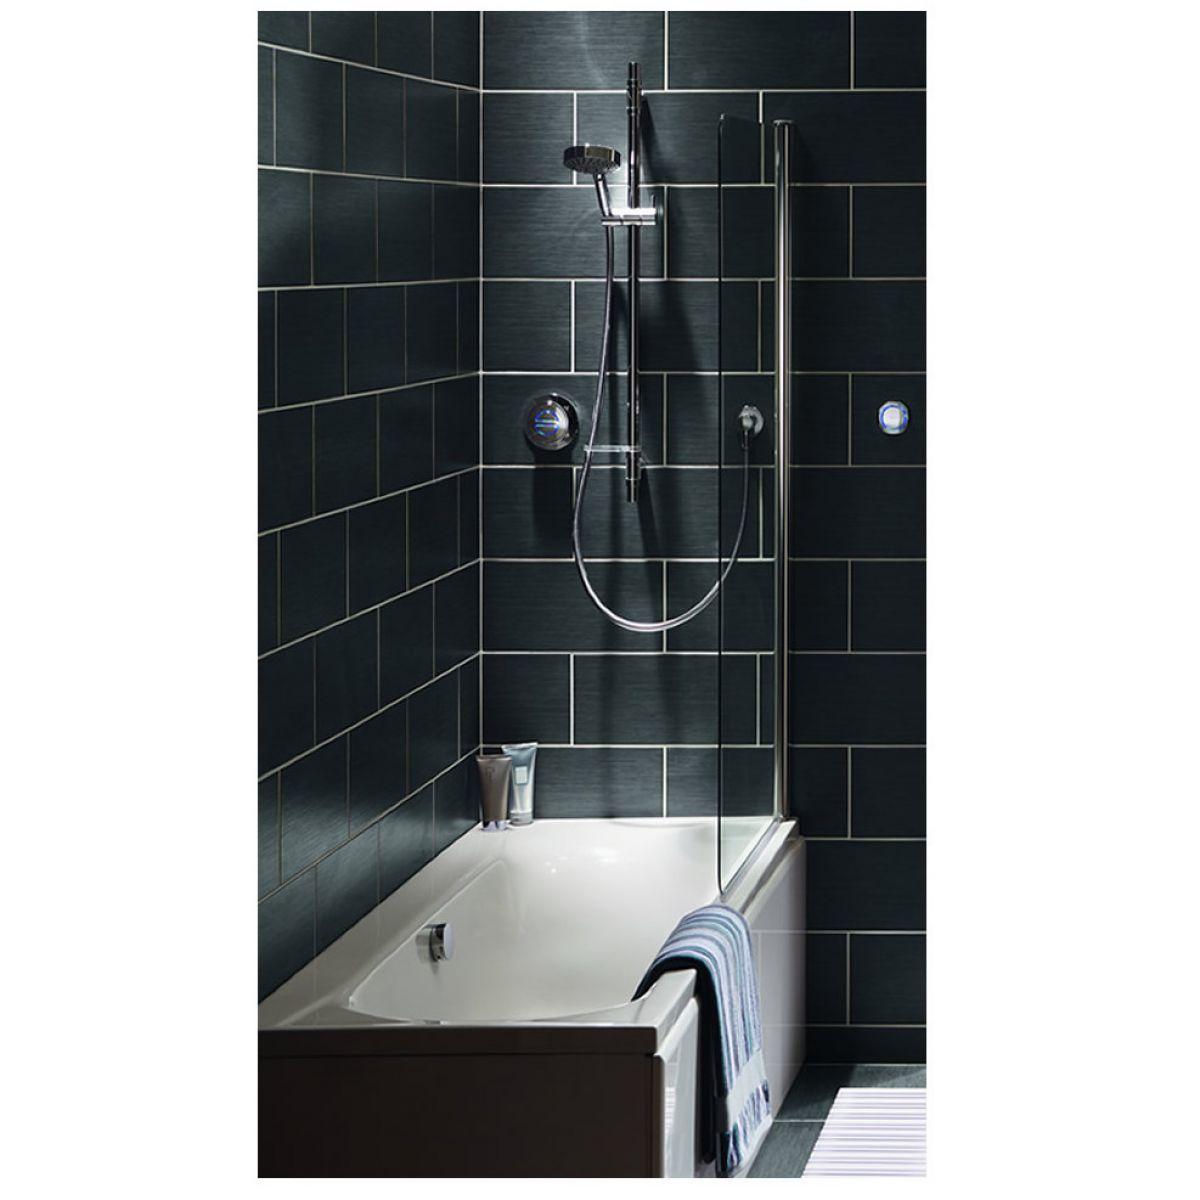 Aqualisa Rise Concealed Shower Valve and Diverter with Adjustable ...